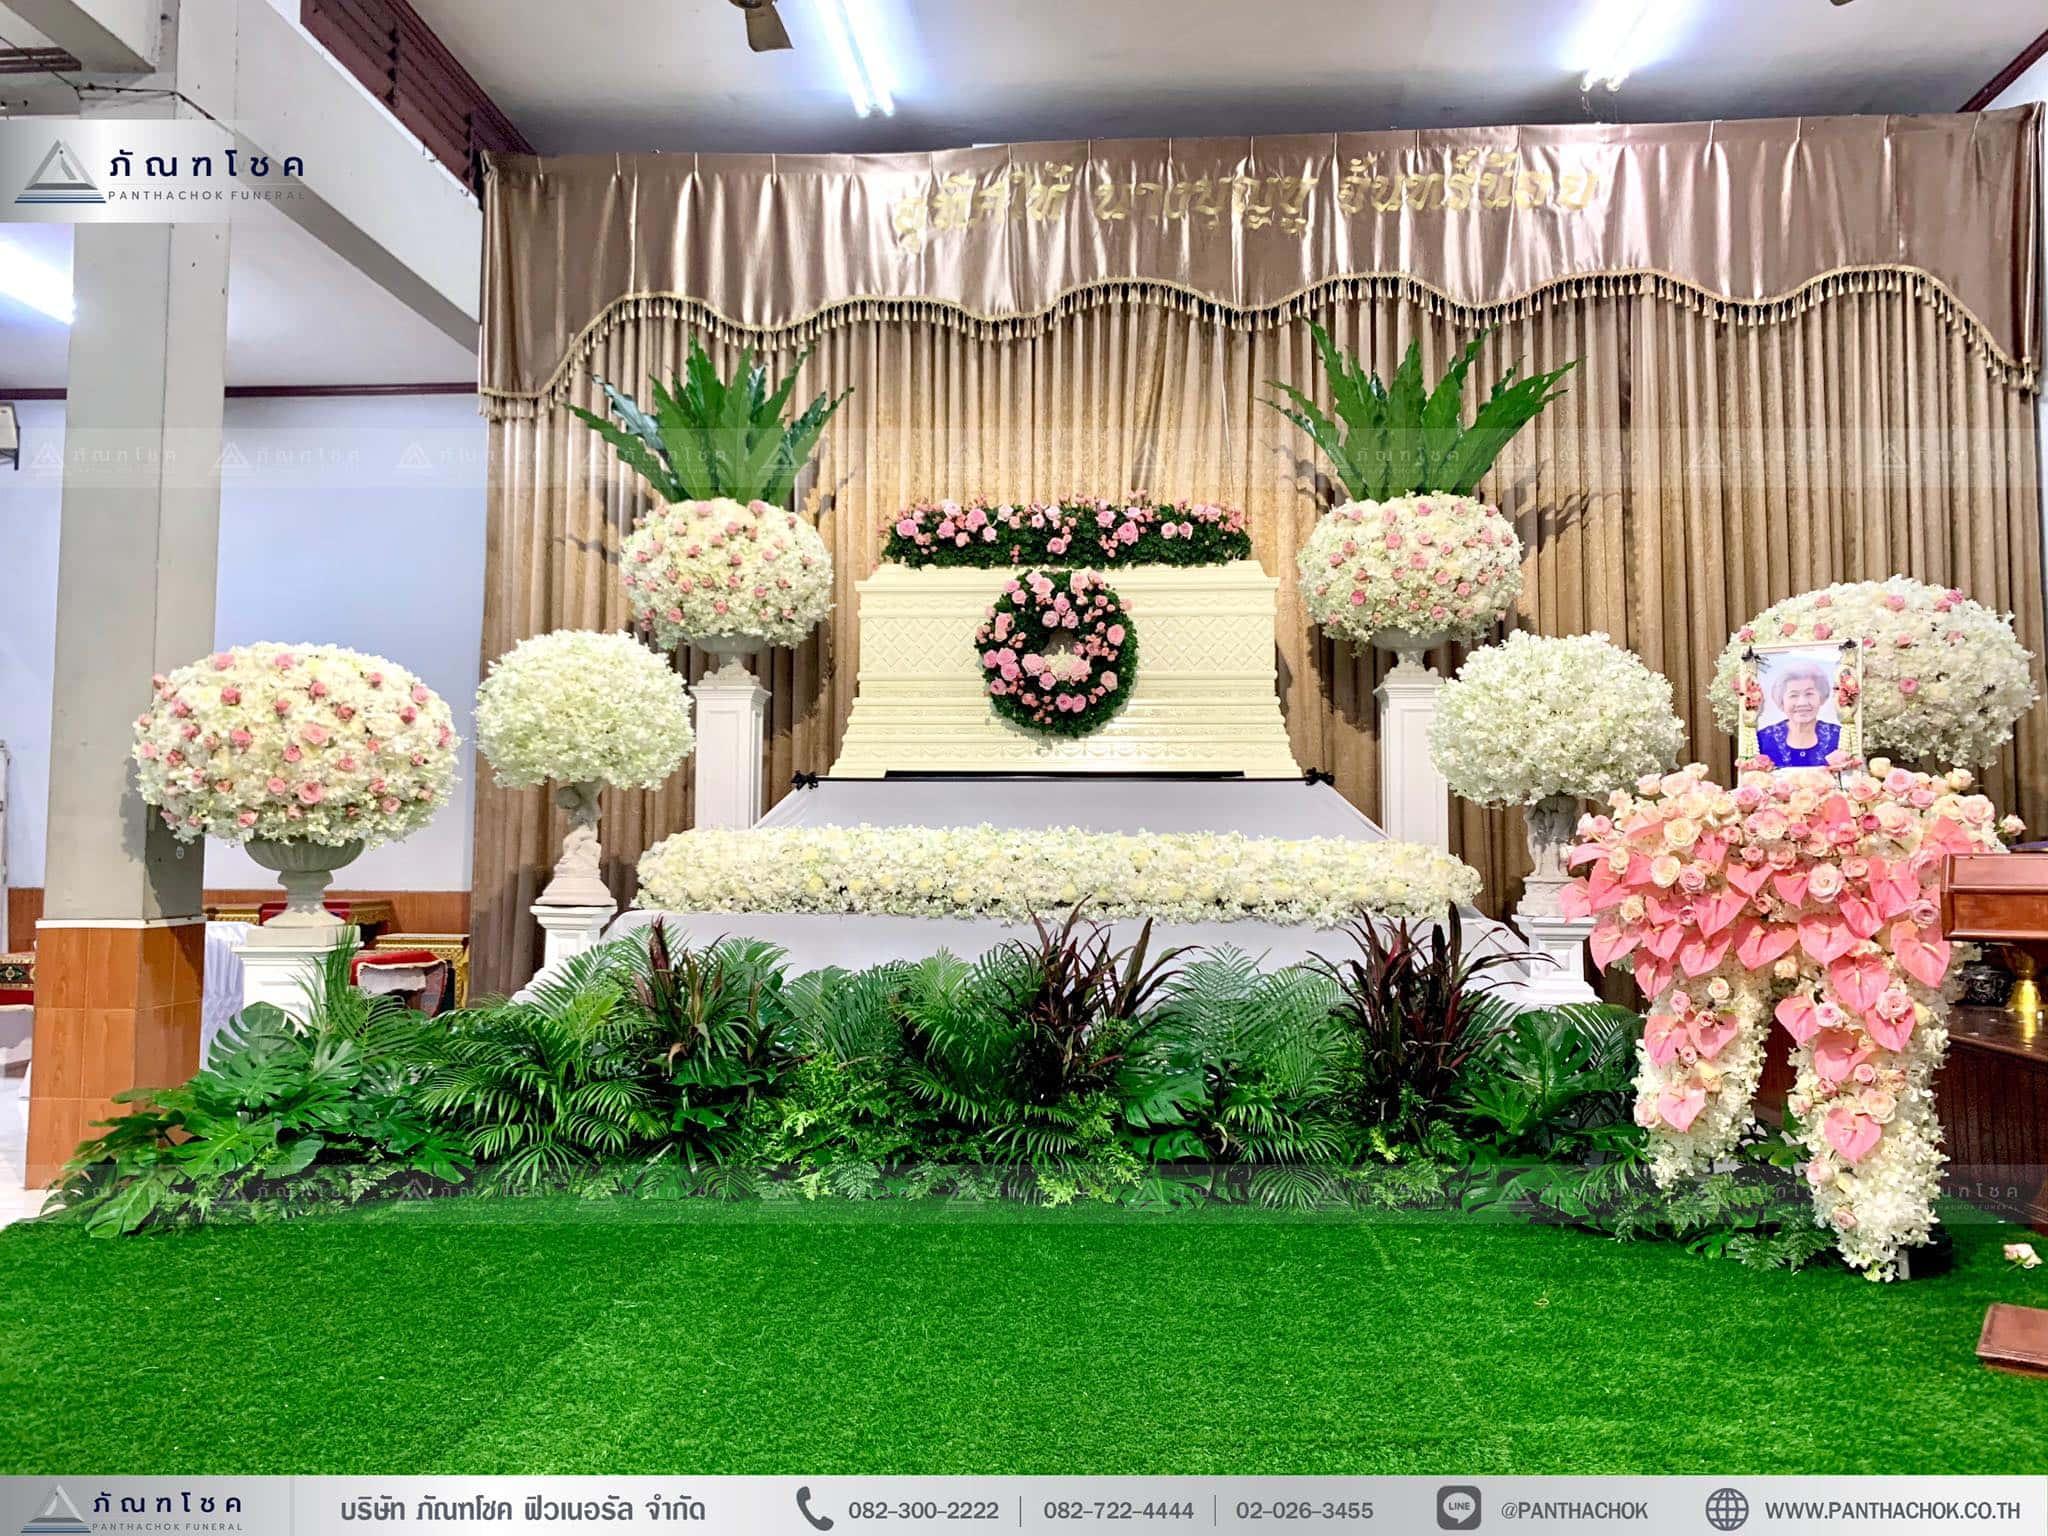 ชุดดอกไม้ประดับหน้าศพ ดอกไม้ประดับหน้าหีบราชบุรี